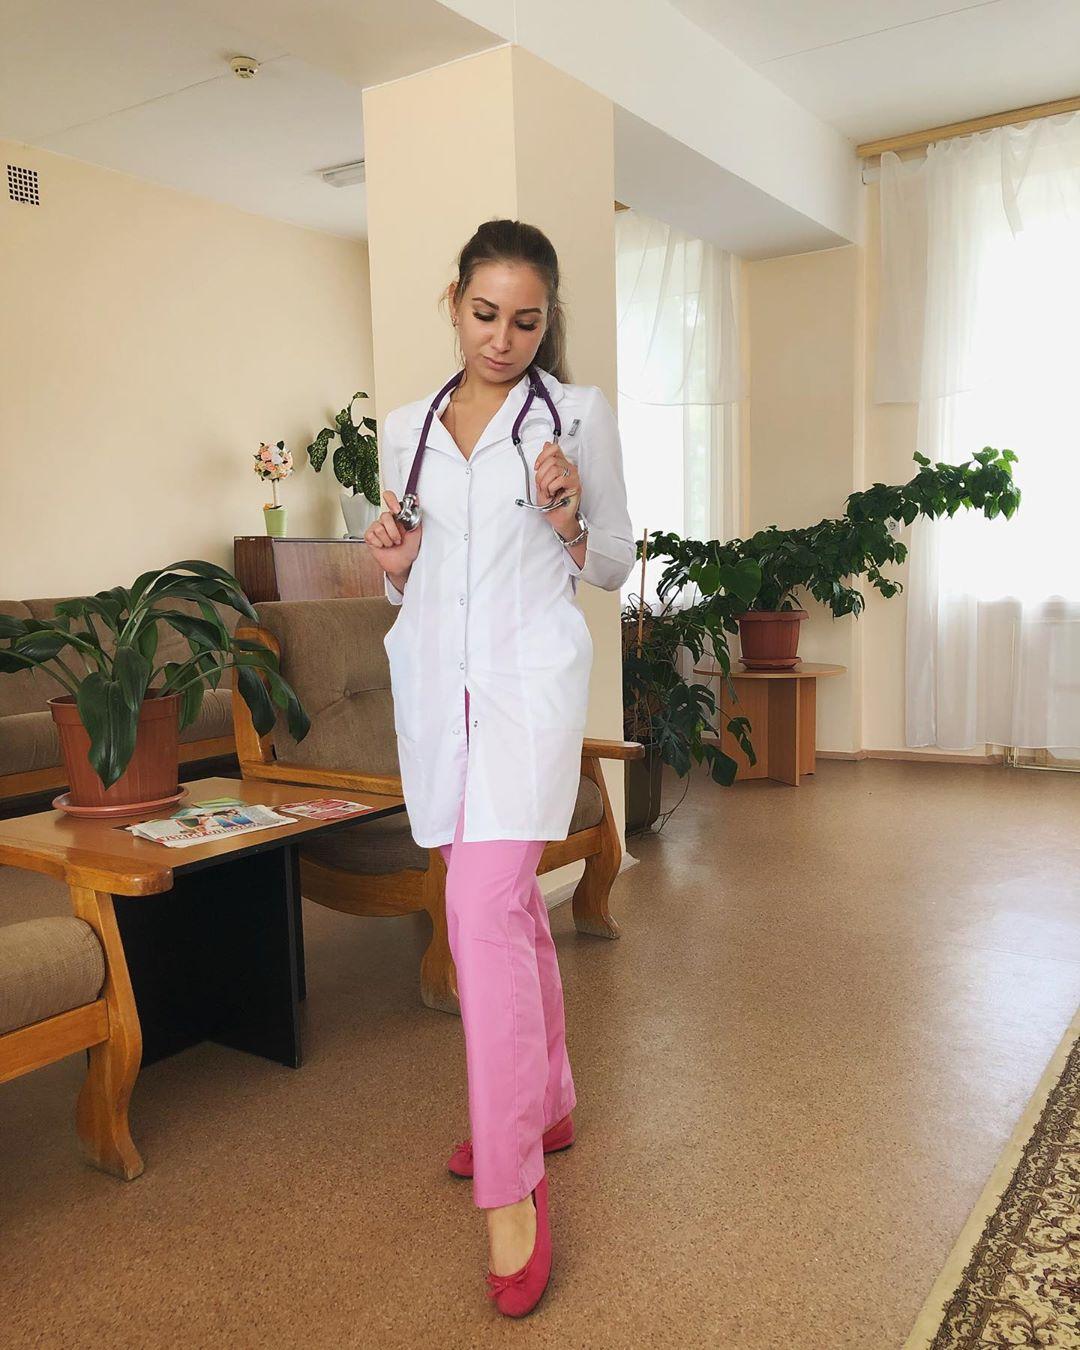 Сотрудницы Тульской больницы выкладывают свои фото в соцсетях